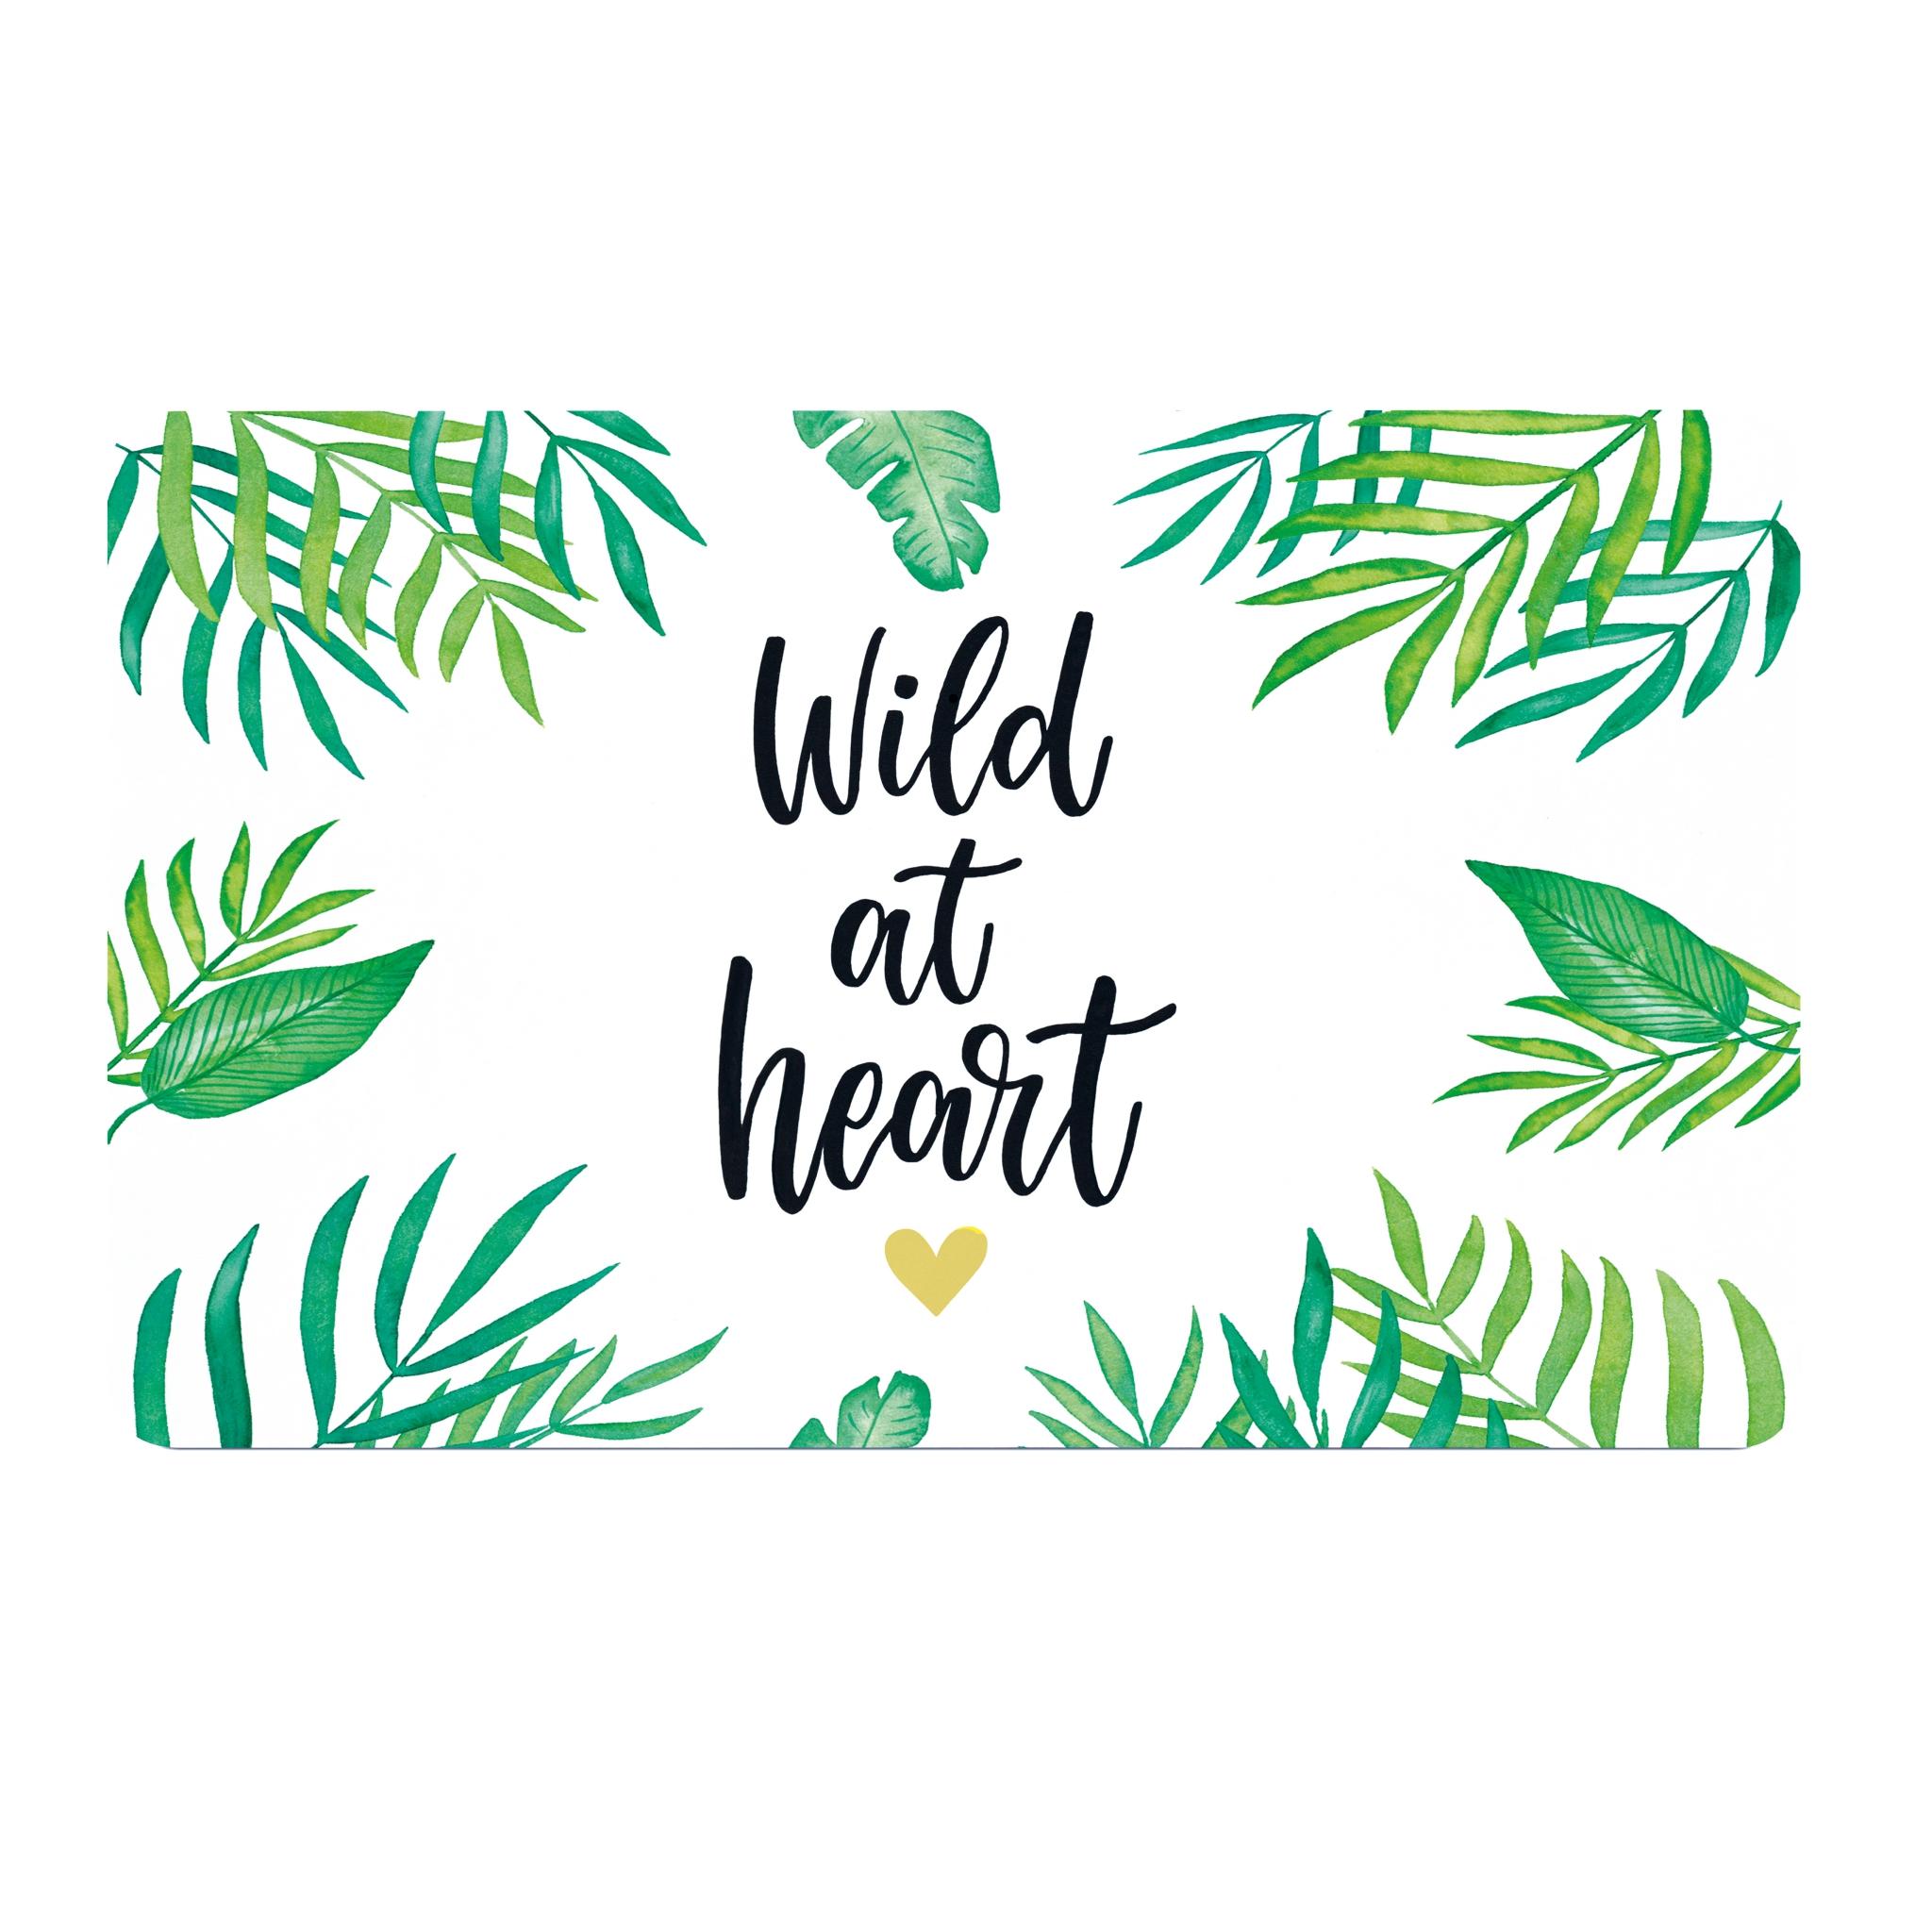 Breakfast Board - Wild at Heart